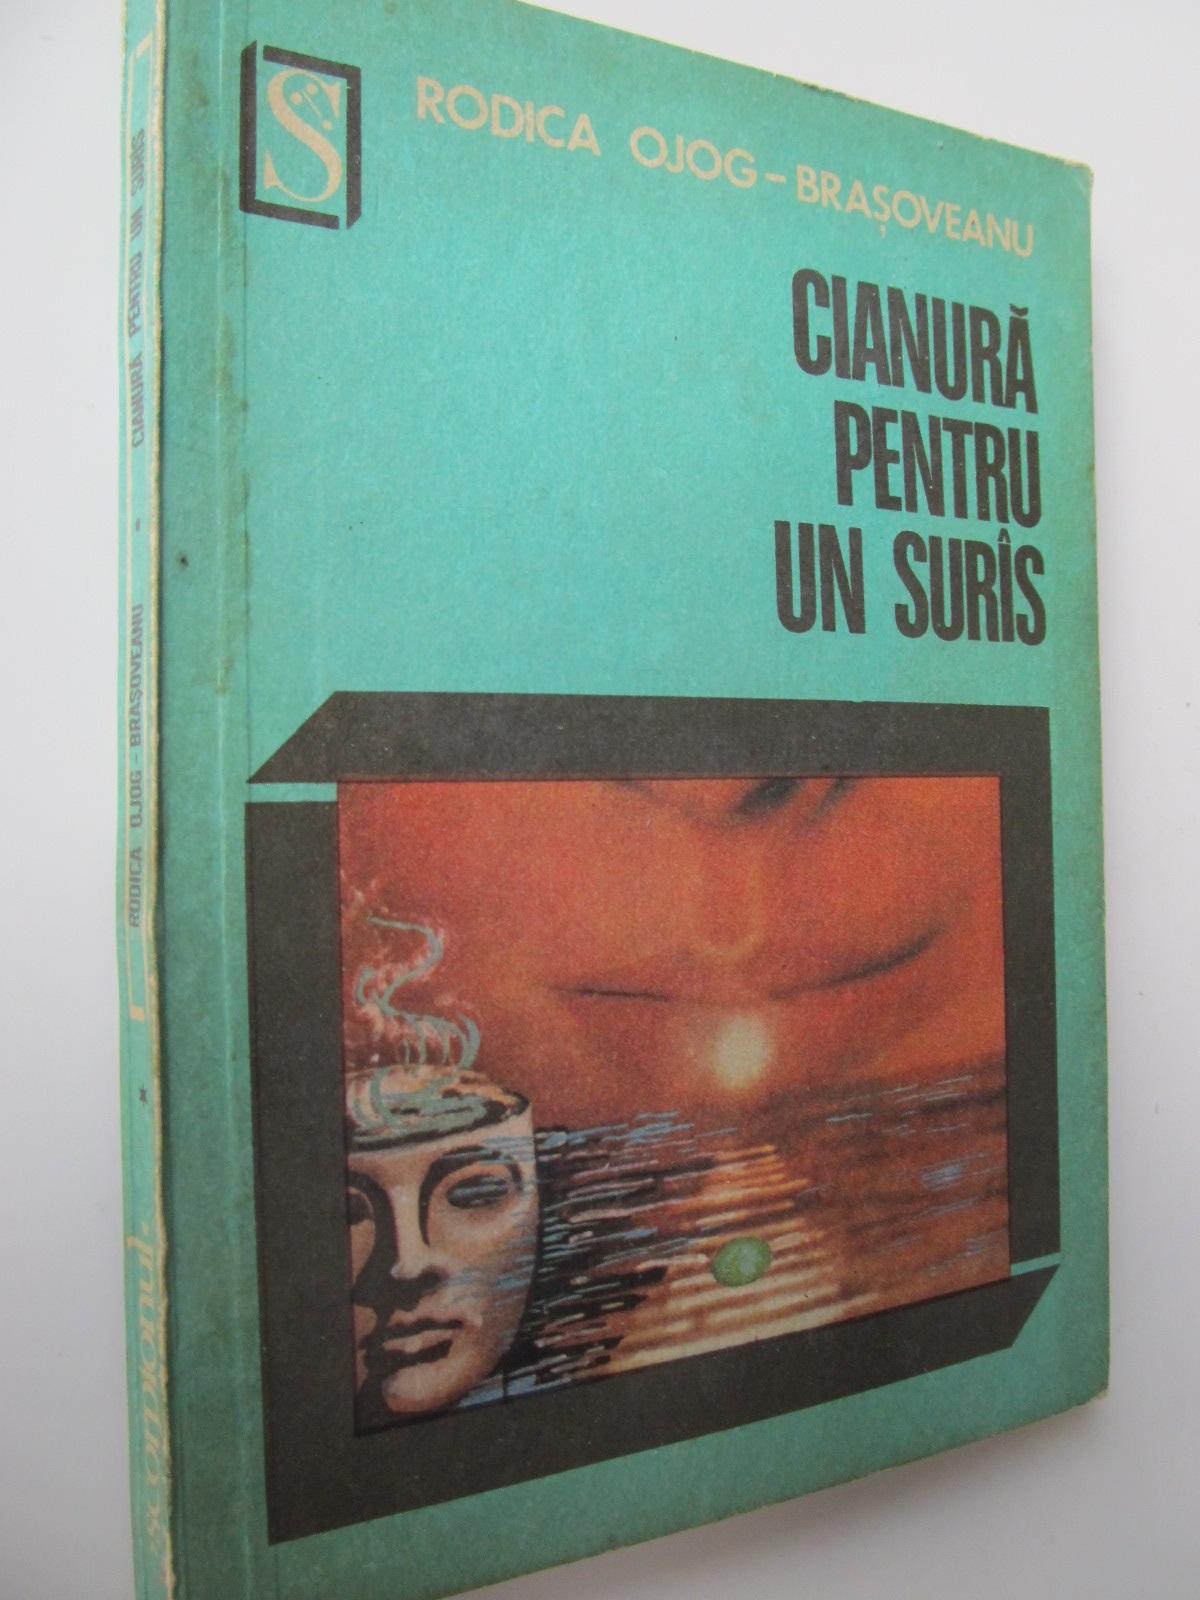 Cianura pentru un suras - Rodica Ojog Brasoveanu | Detalii carte